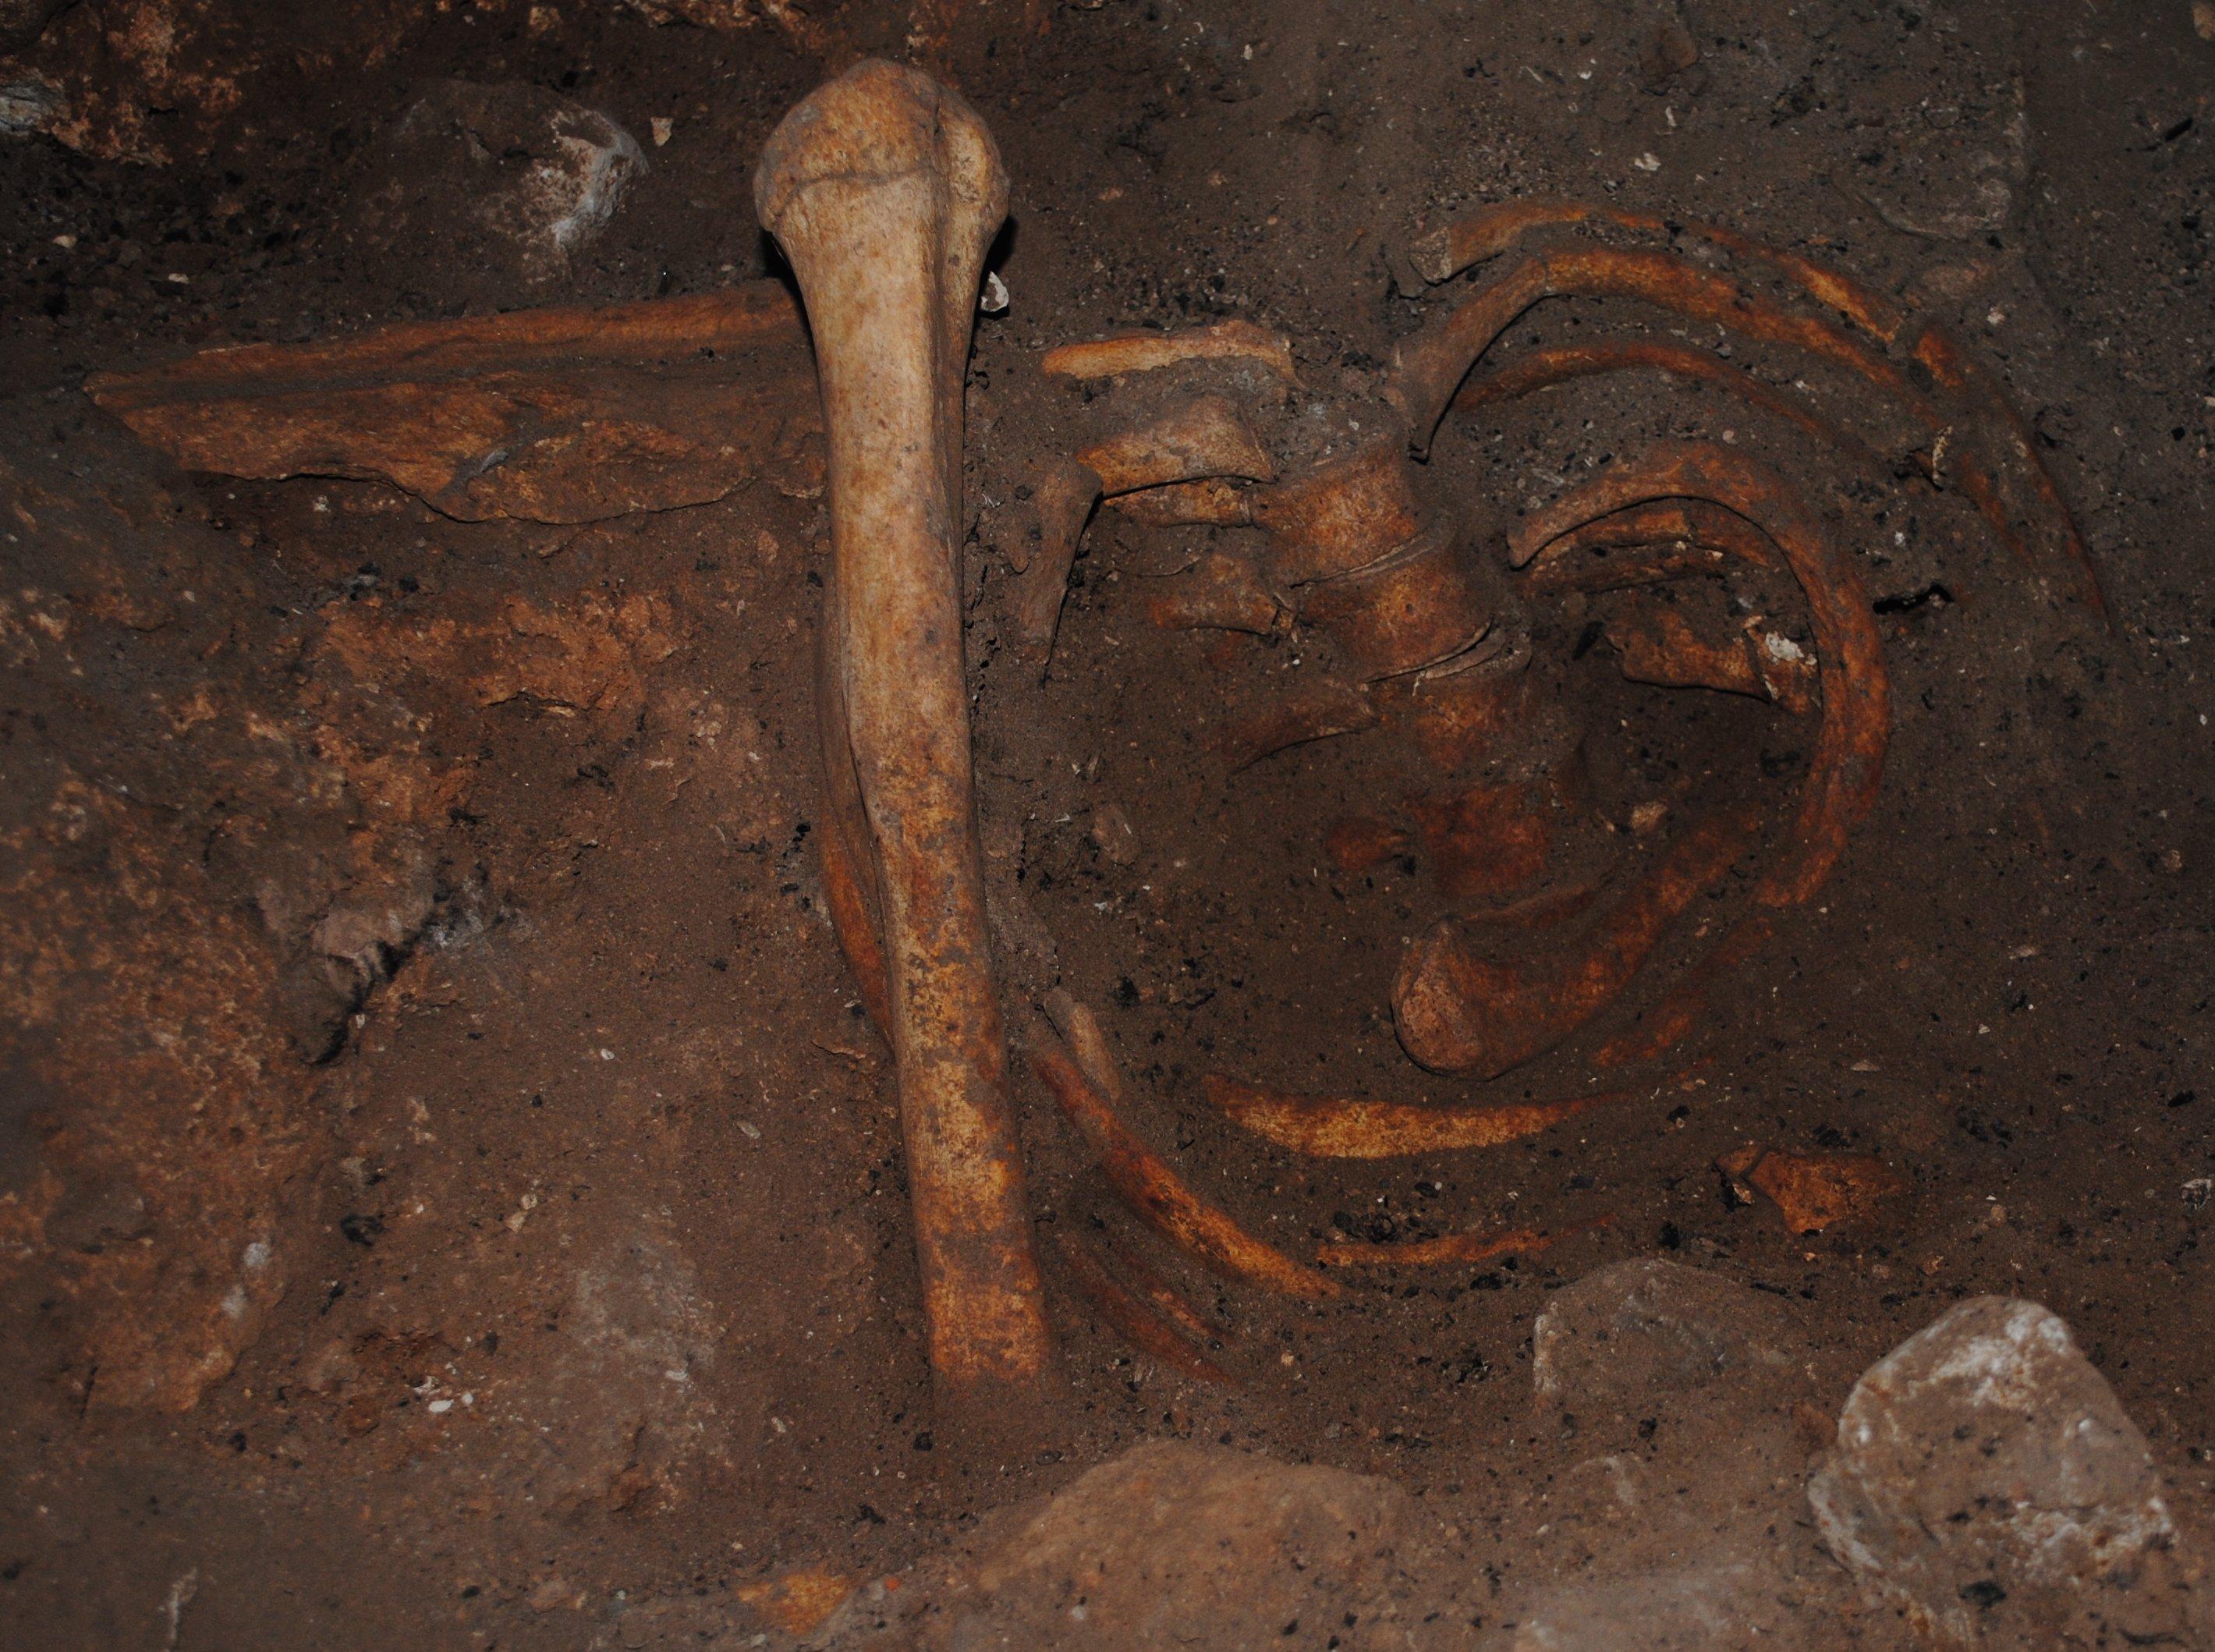 Ученые впервые выделили древнейшую ДНК африканского человека